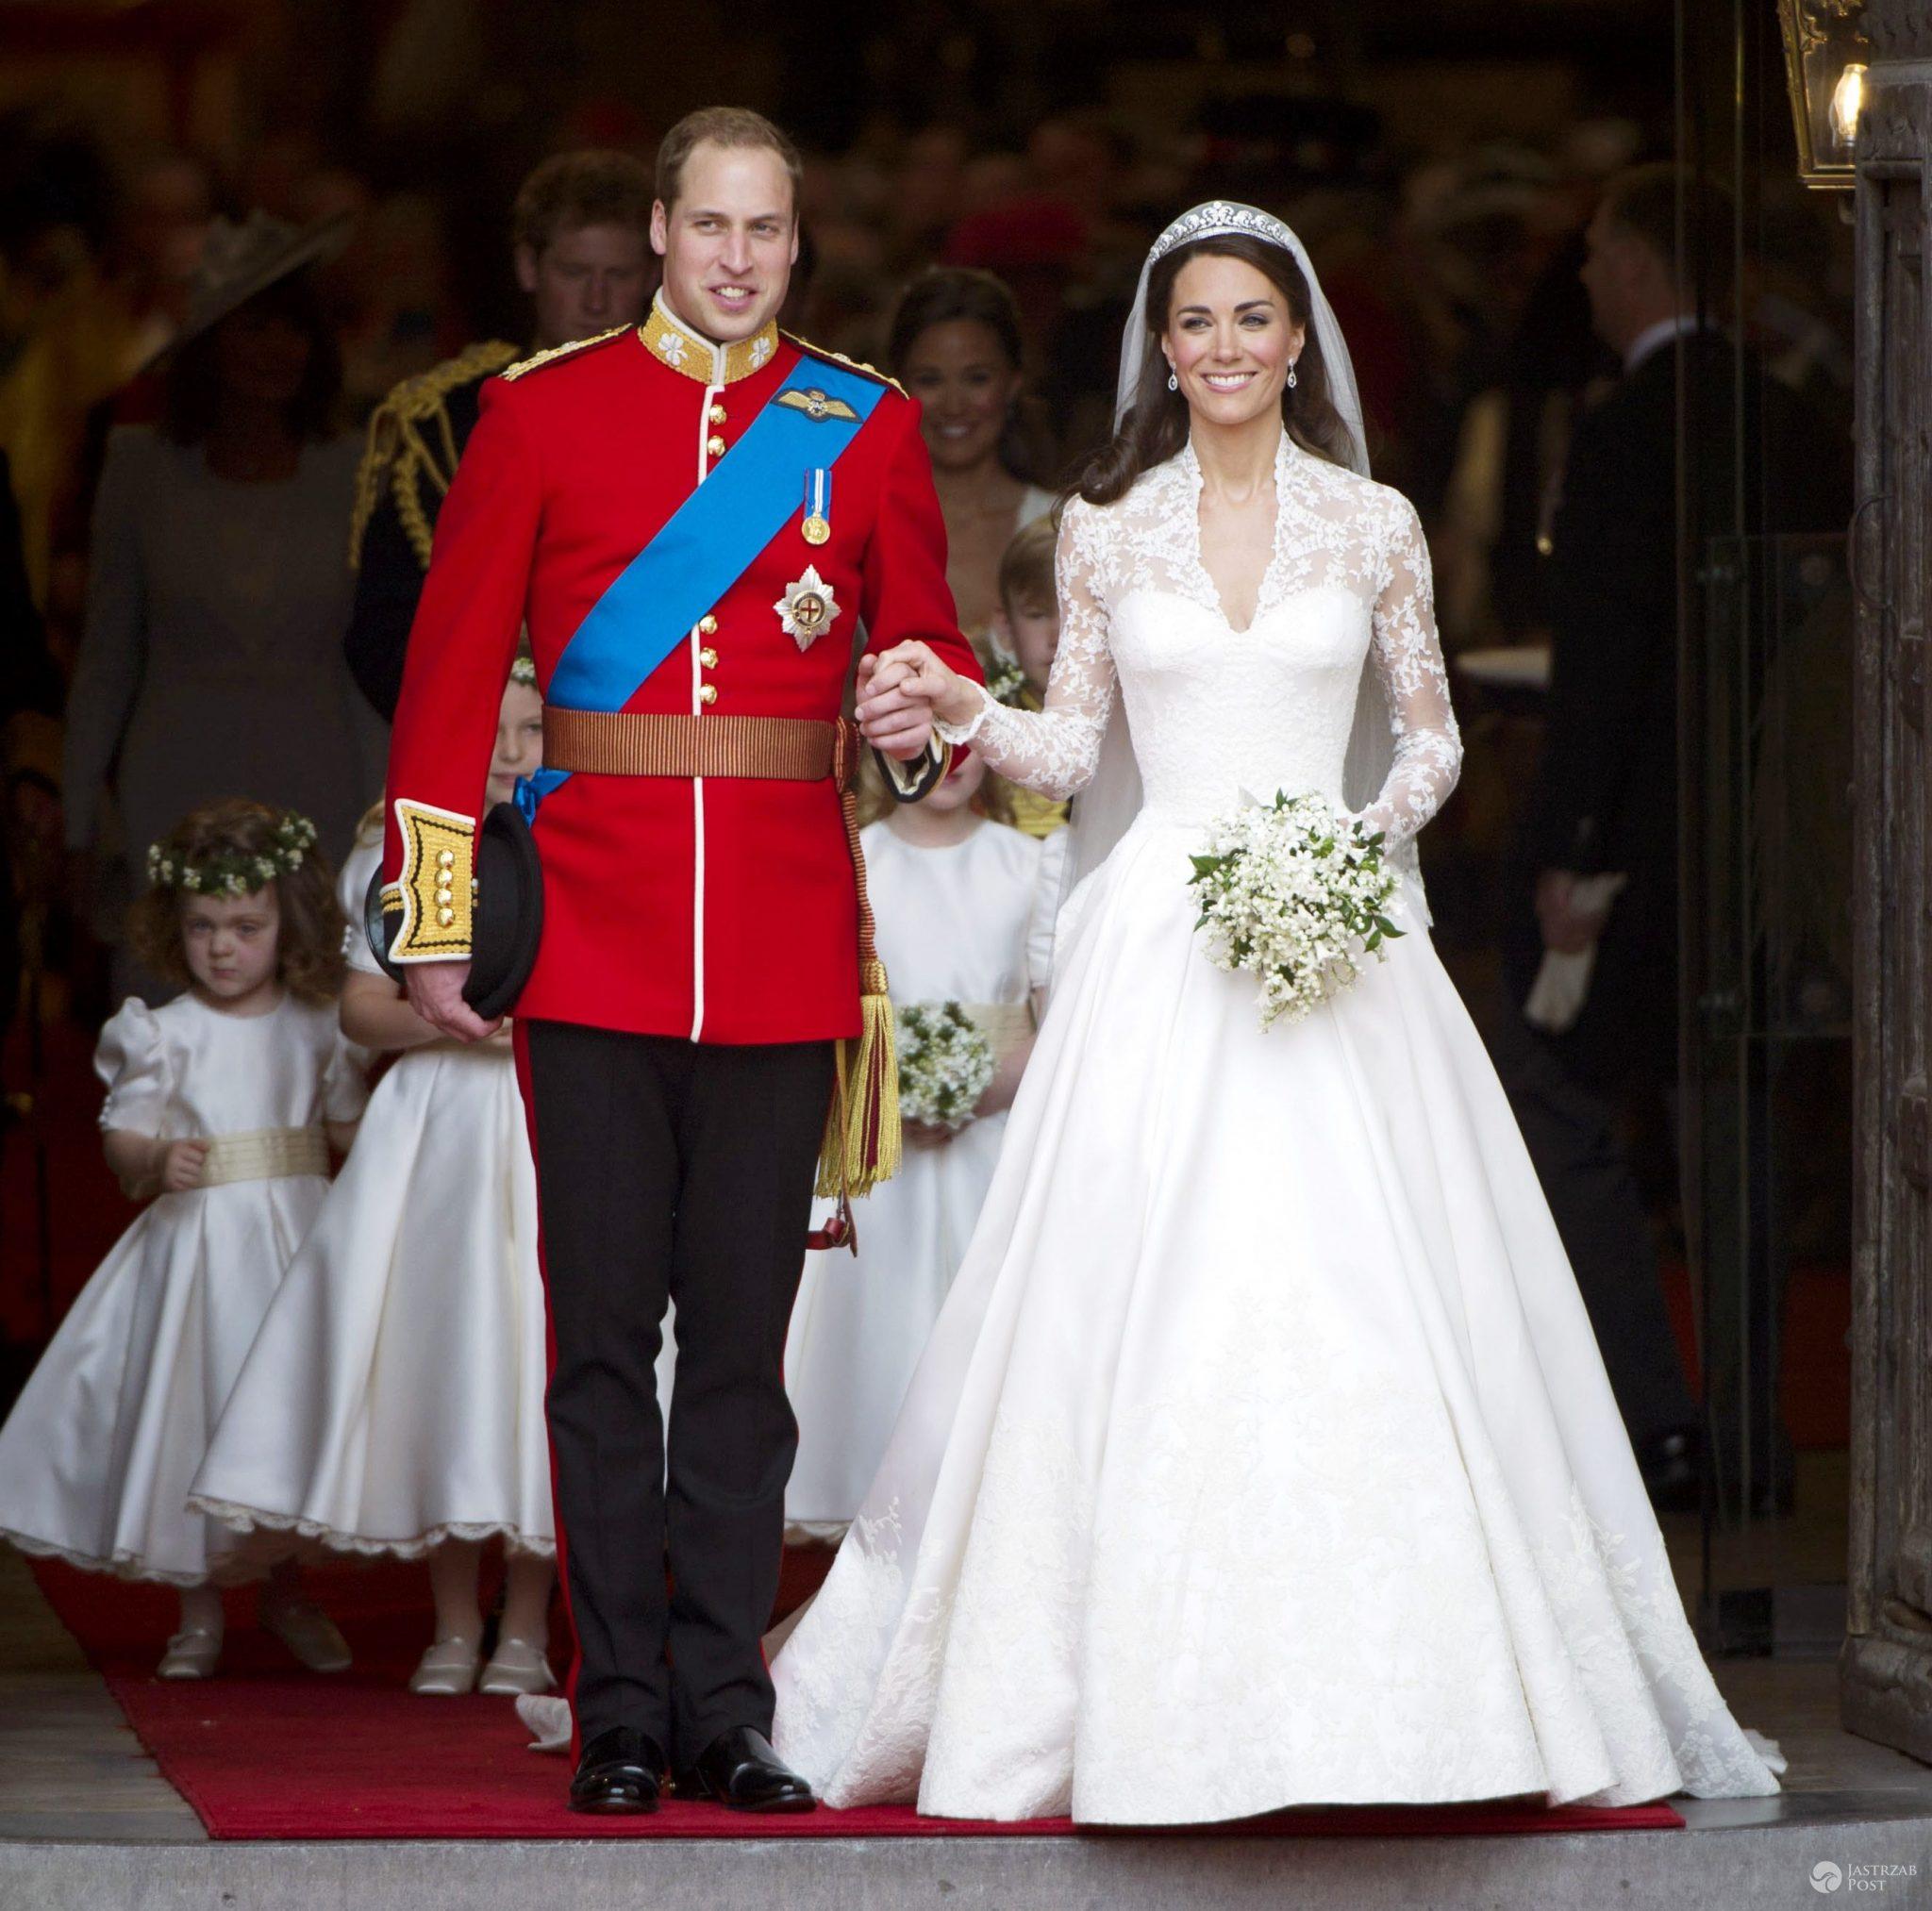 Ślub księcia Williama i księżnej Kate (fot. ONS)